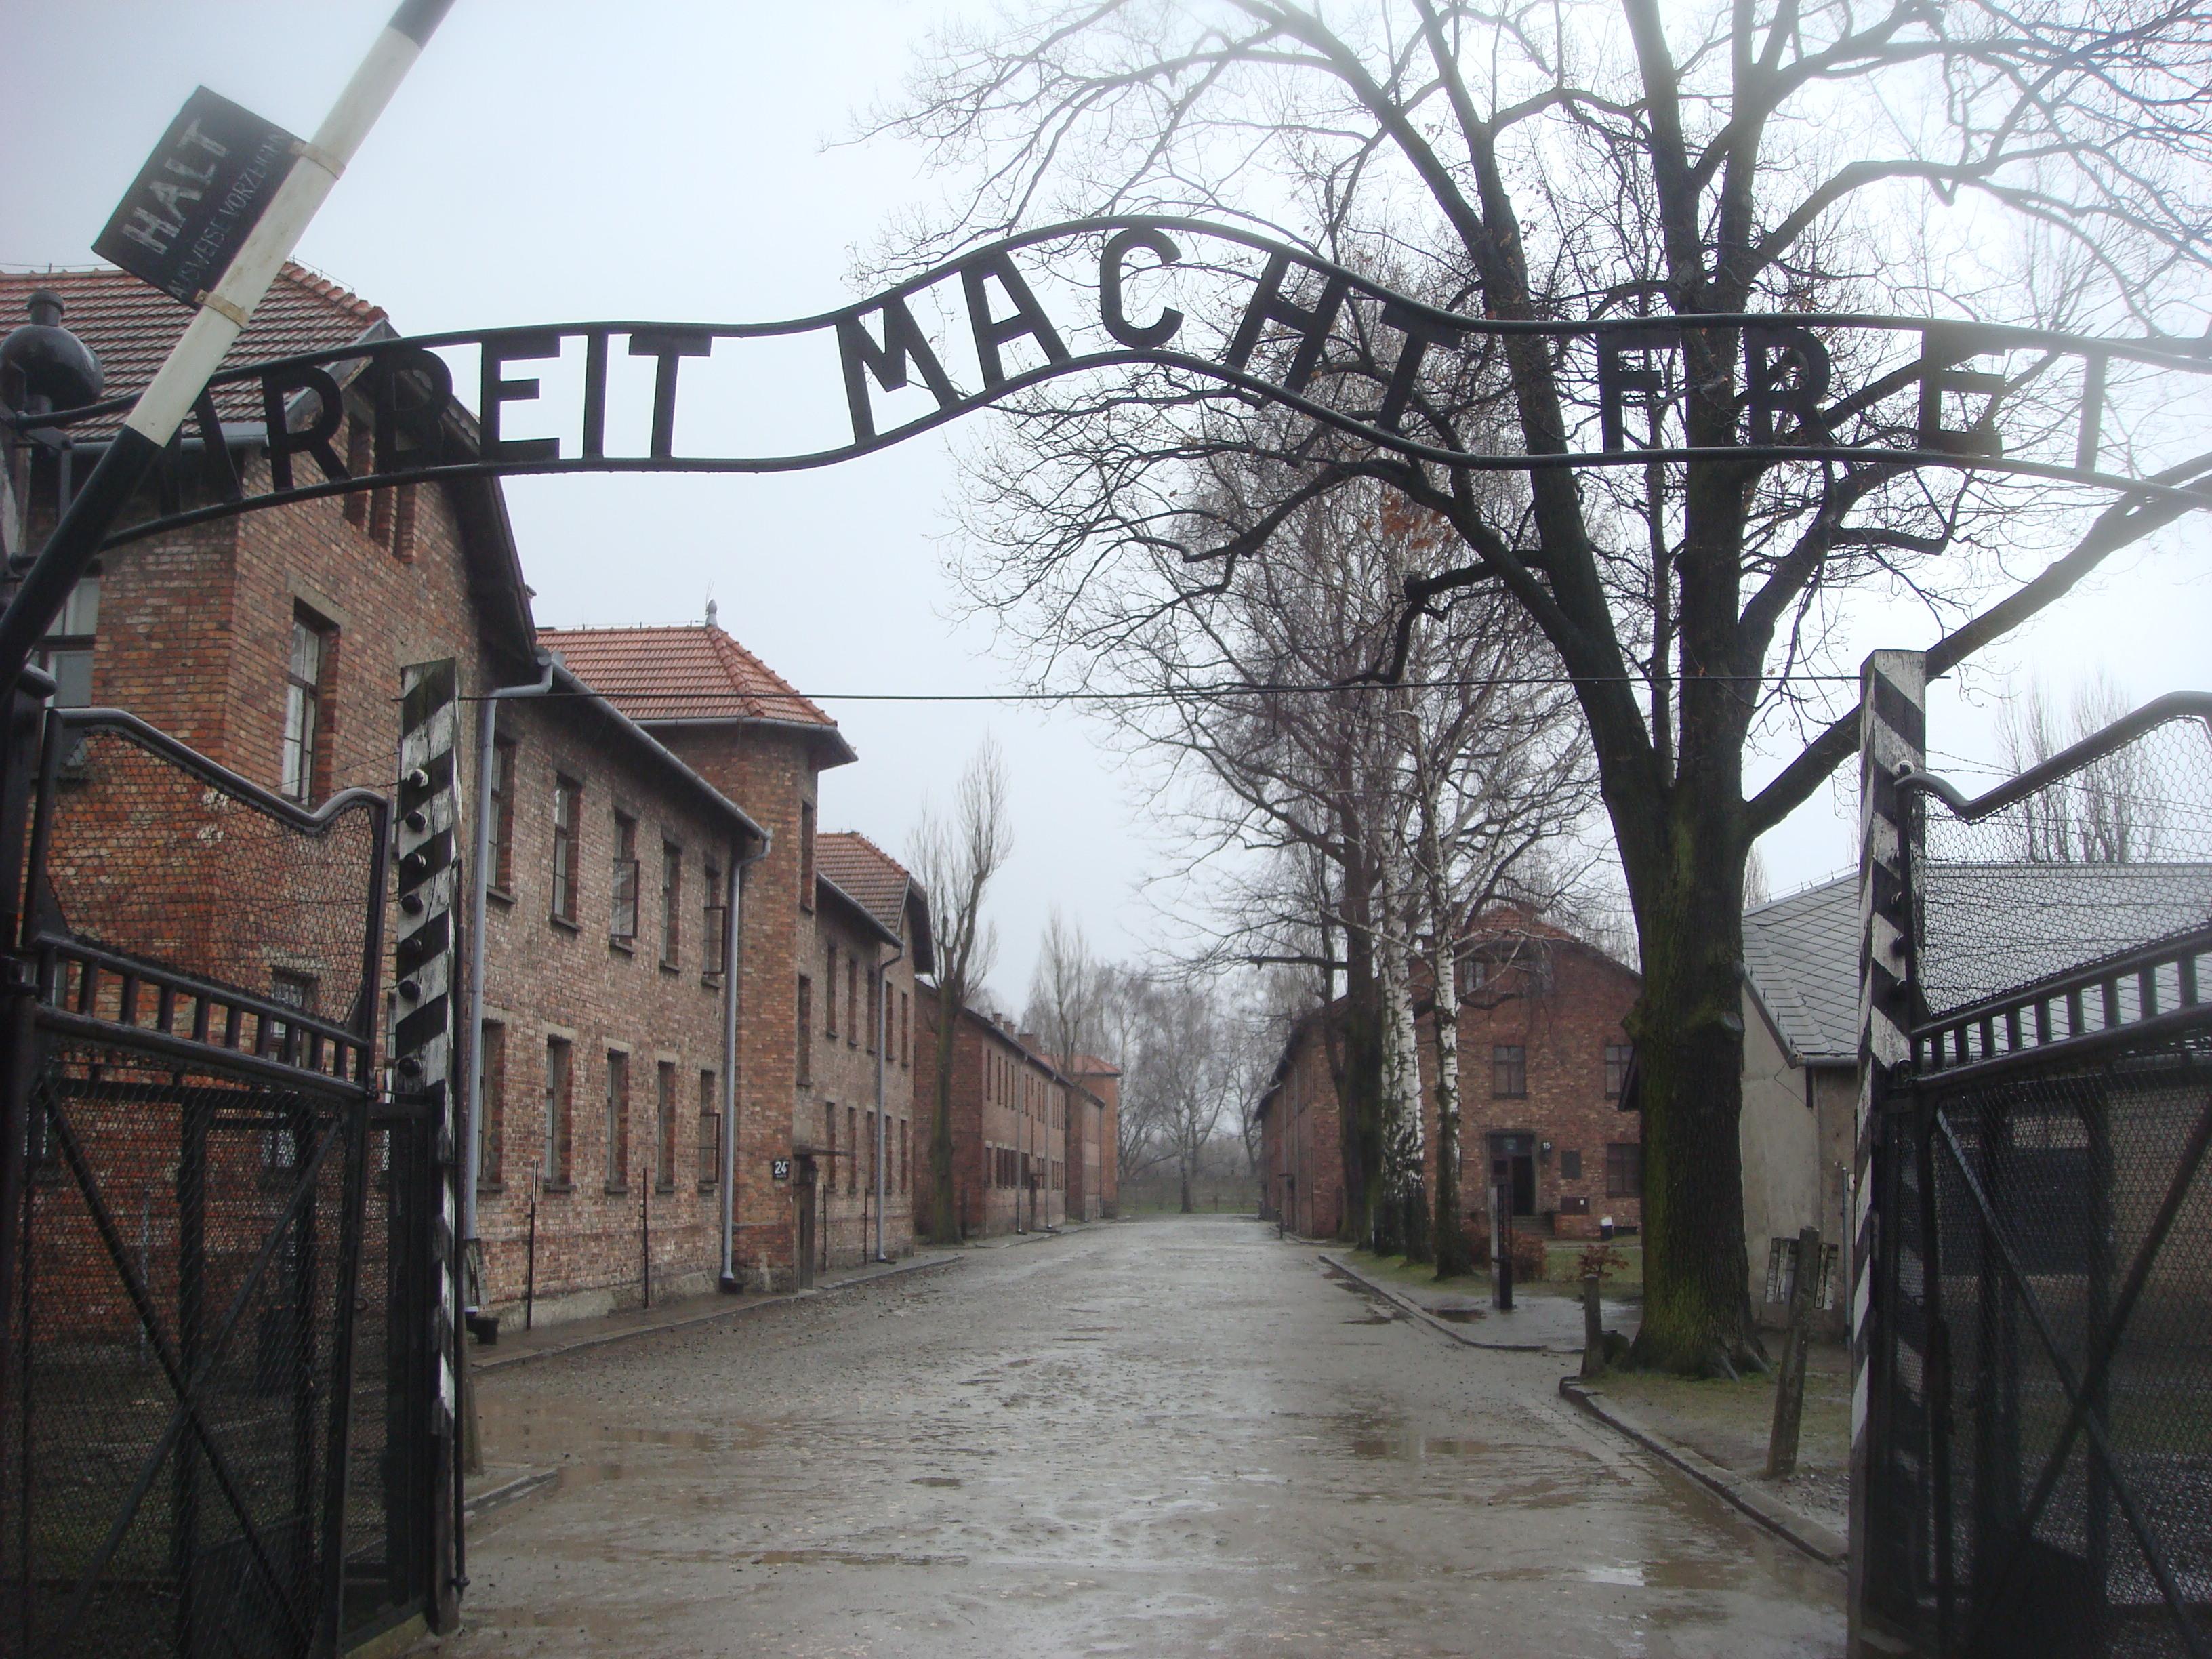 27 gennaio 1945 in quella data vengono abbattuti i cancelli di